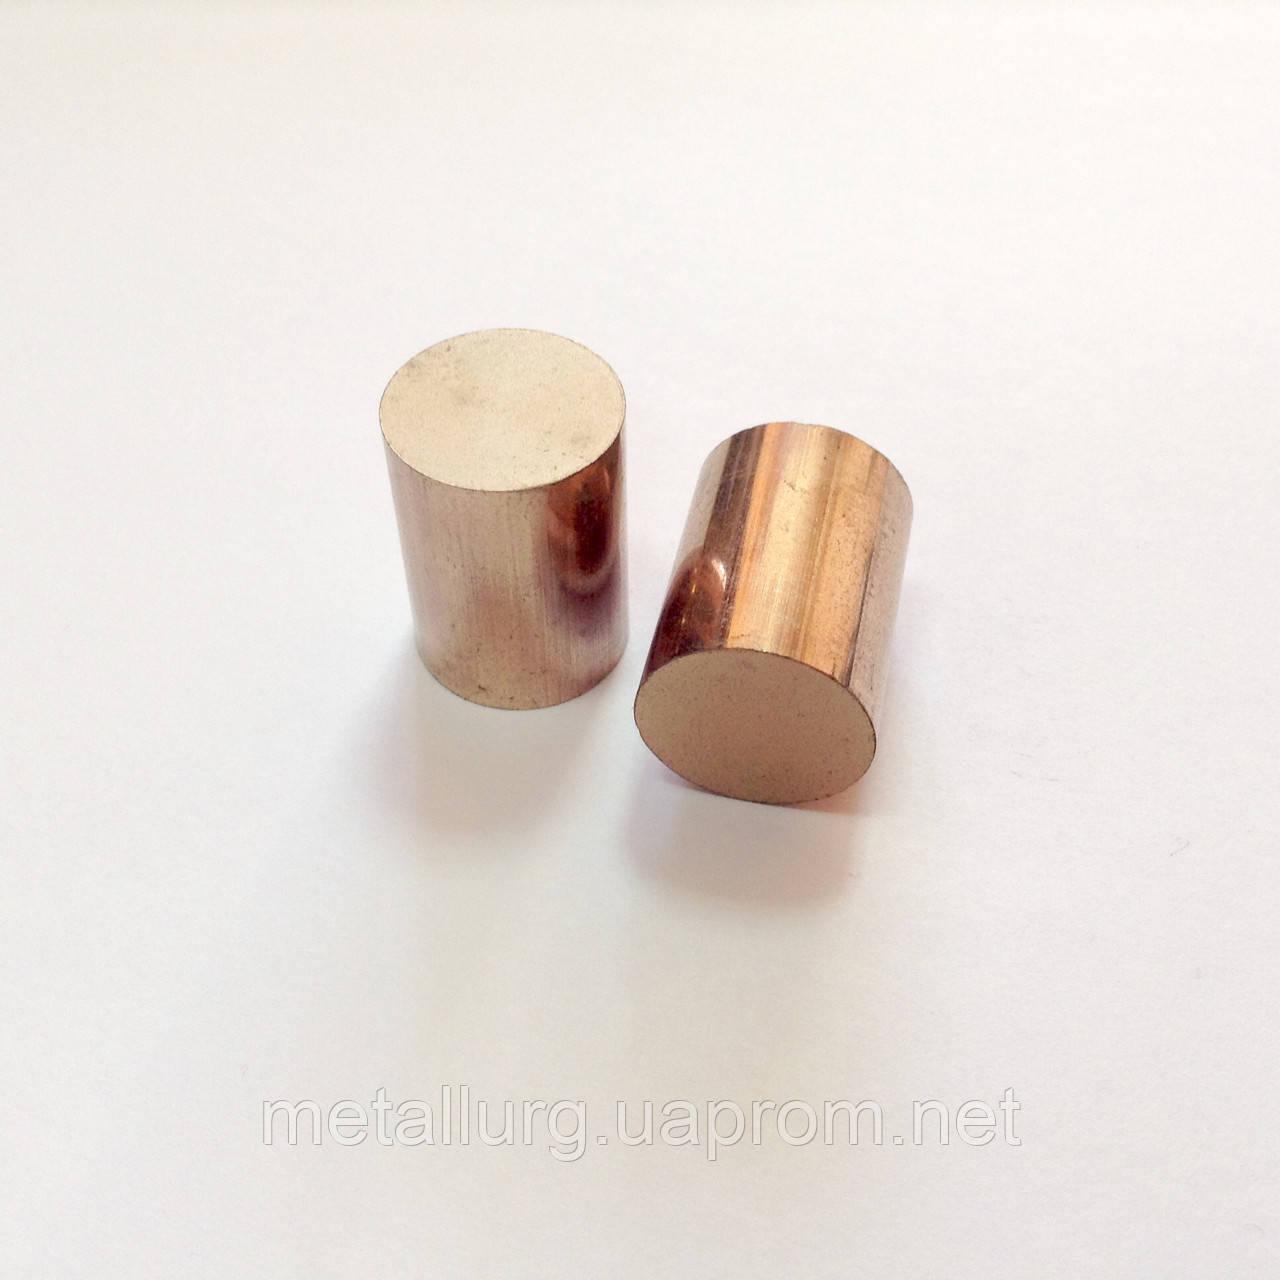 Круг бронзографитовый диаметр 14 мм х 20 мм